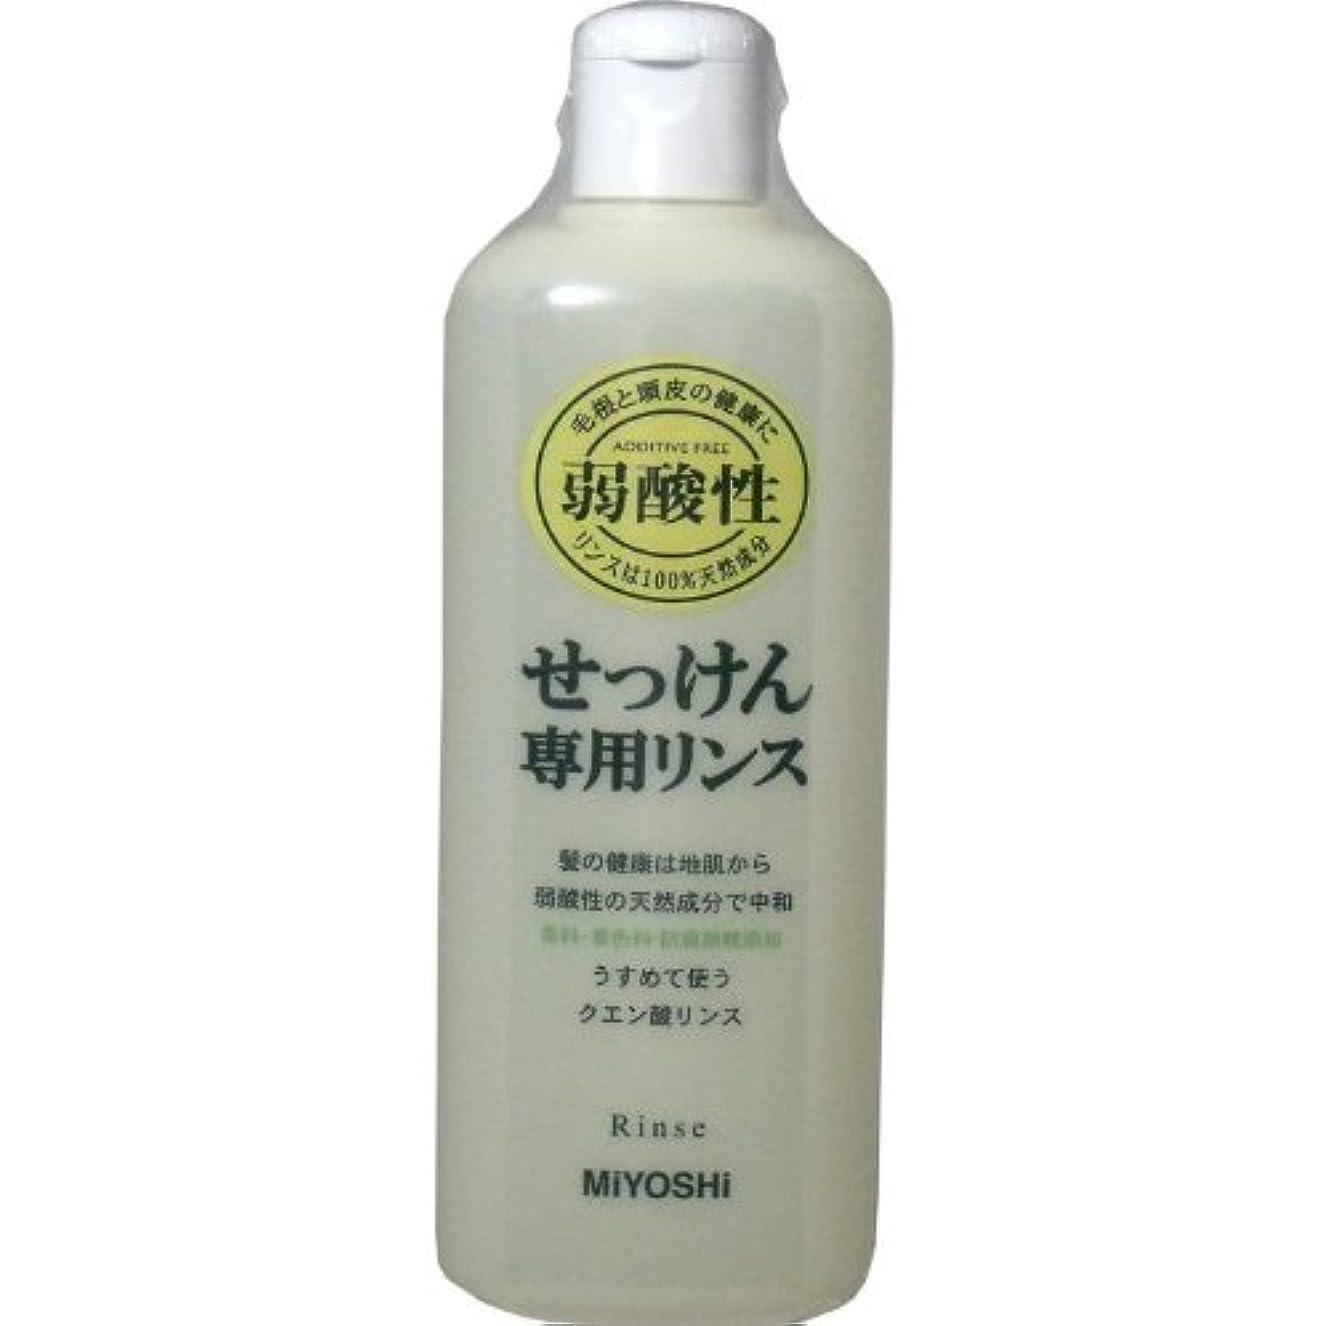 必須輝く手順髪の健康は地肌から、弱酸性の天然成分で中和!!香料、防腐剤、着色料無添加!うすめて使うクエン酸リンス!リンス 350mL【2個セット】